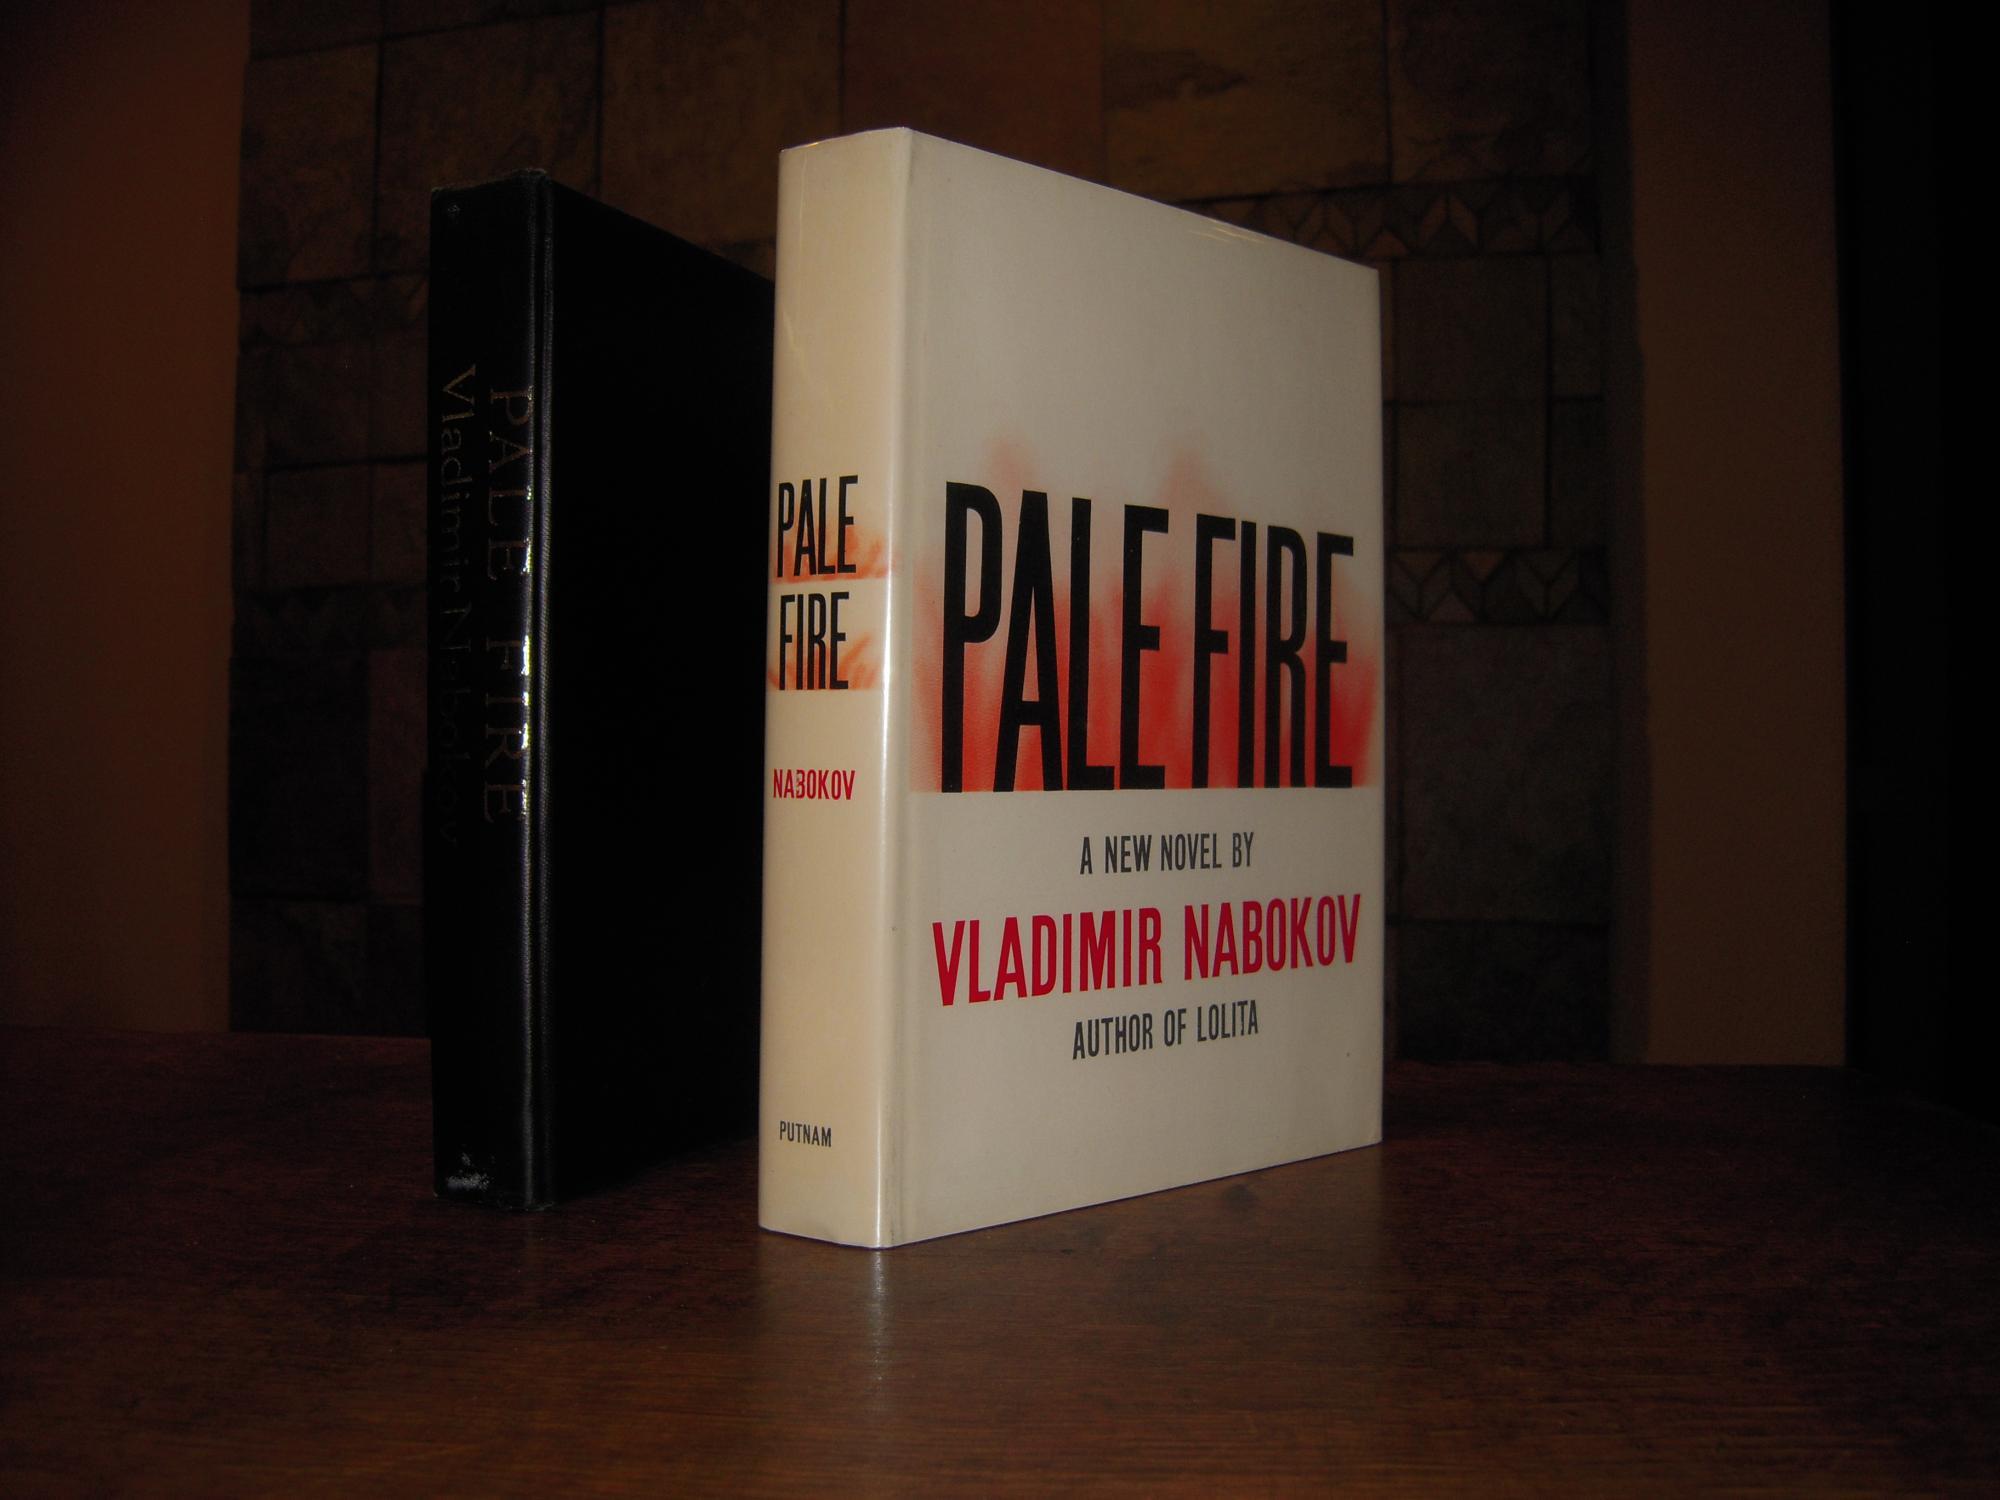 pale fire by vladimir nabokov st printing abebooks